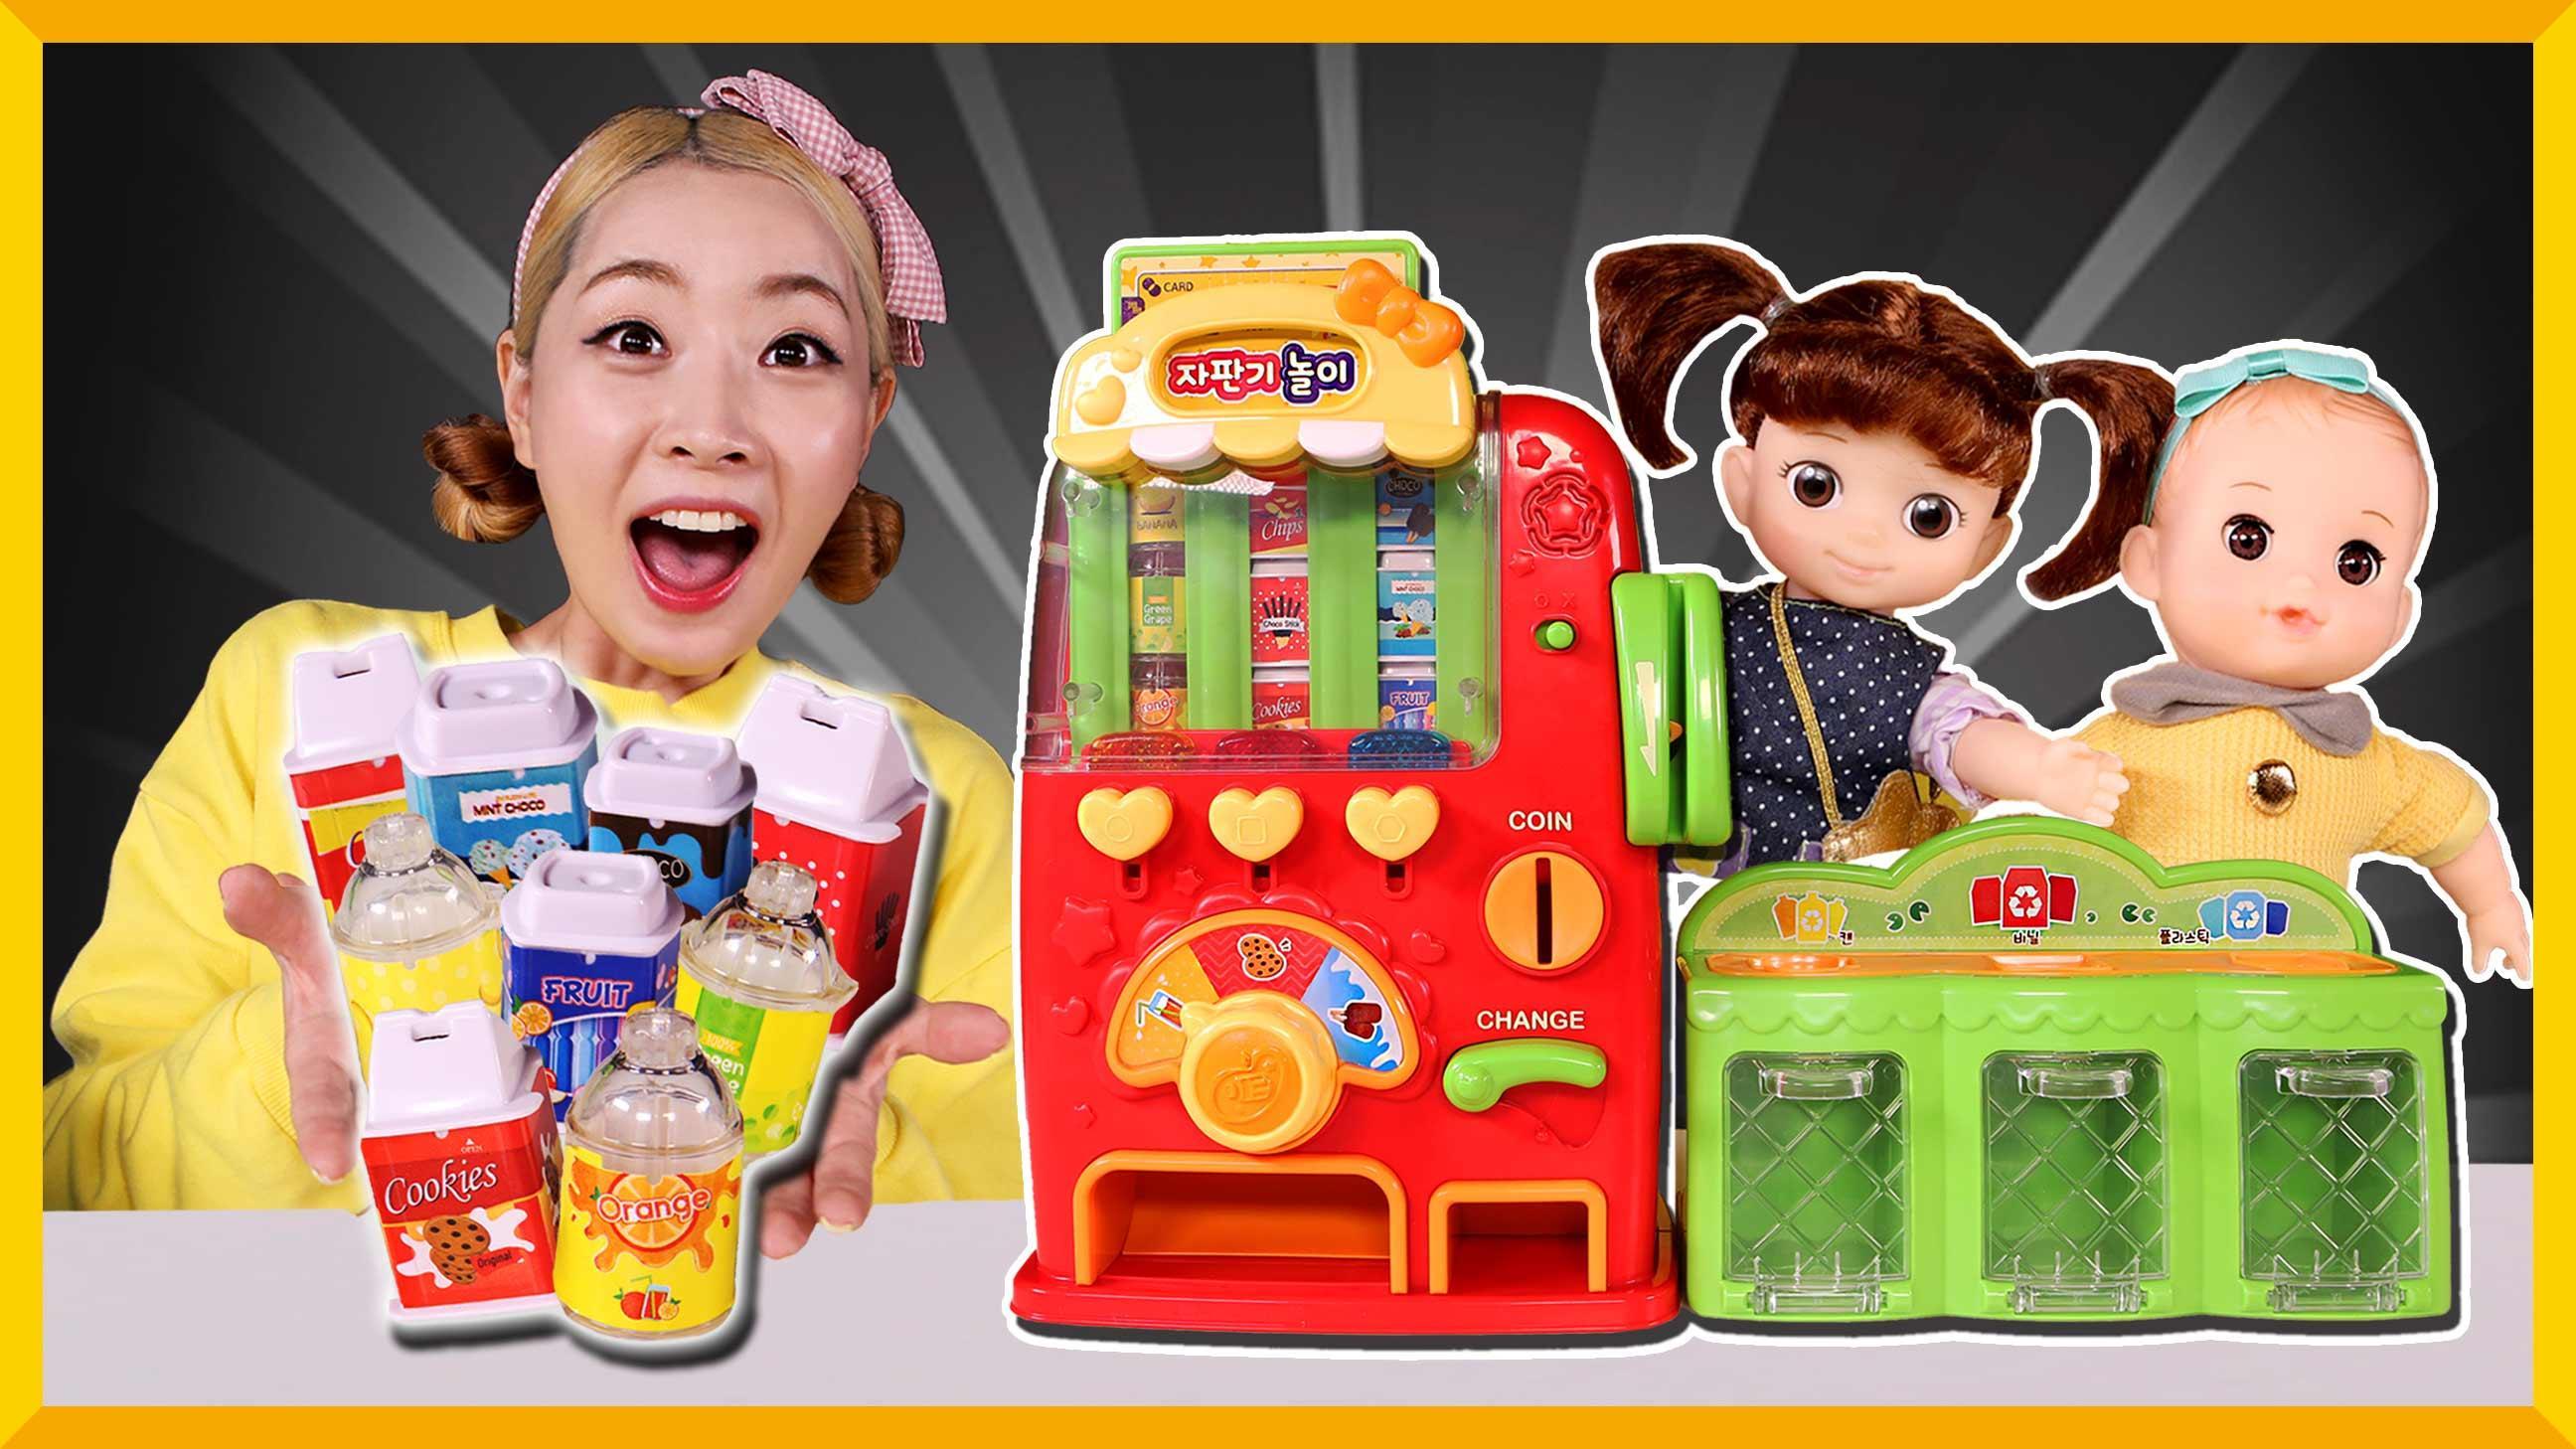 可以垃圾分类,还可以测试智力的魔法自动售货机 | 爱丽和故事  EllieAndStory